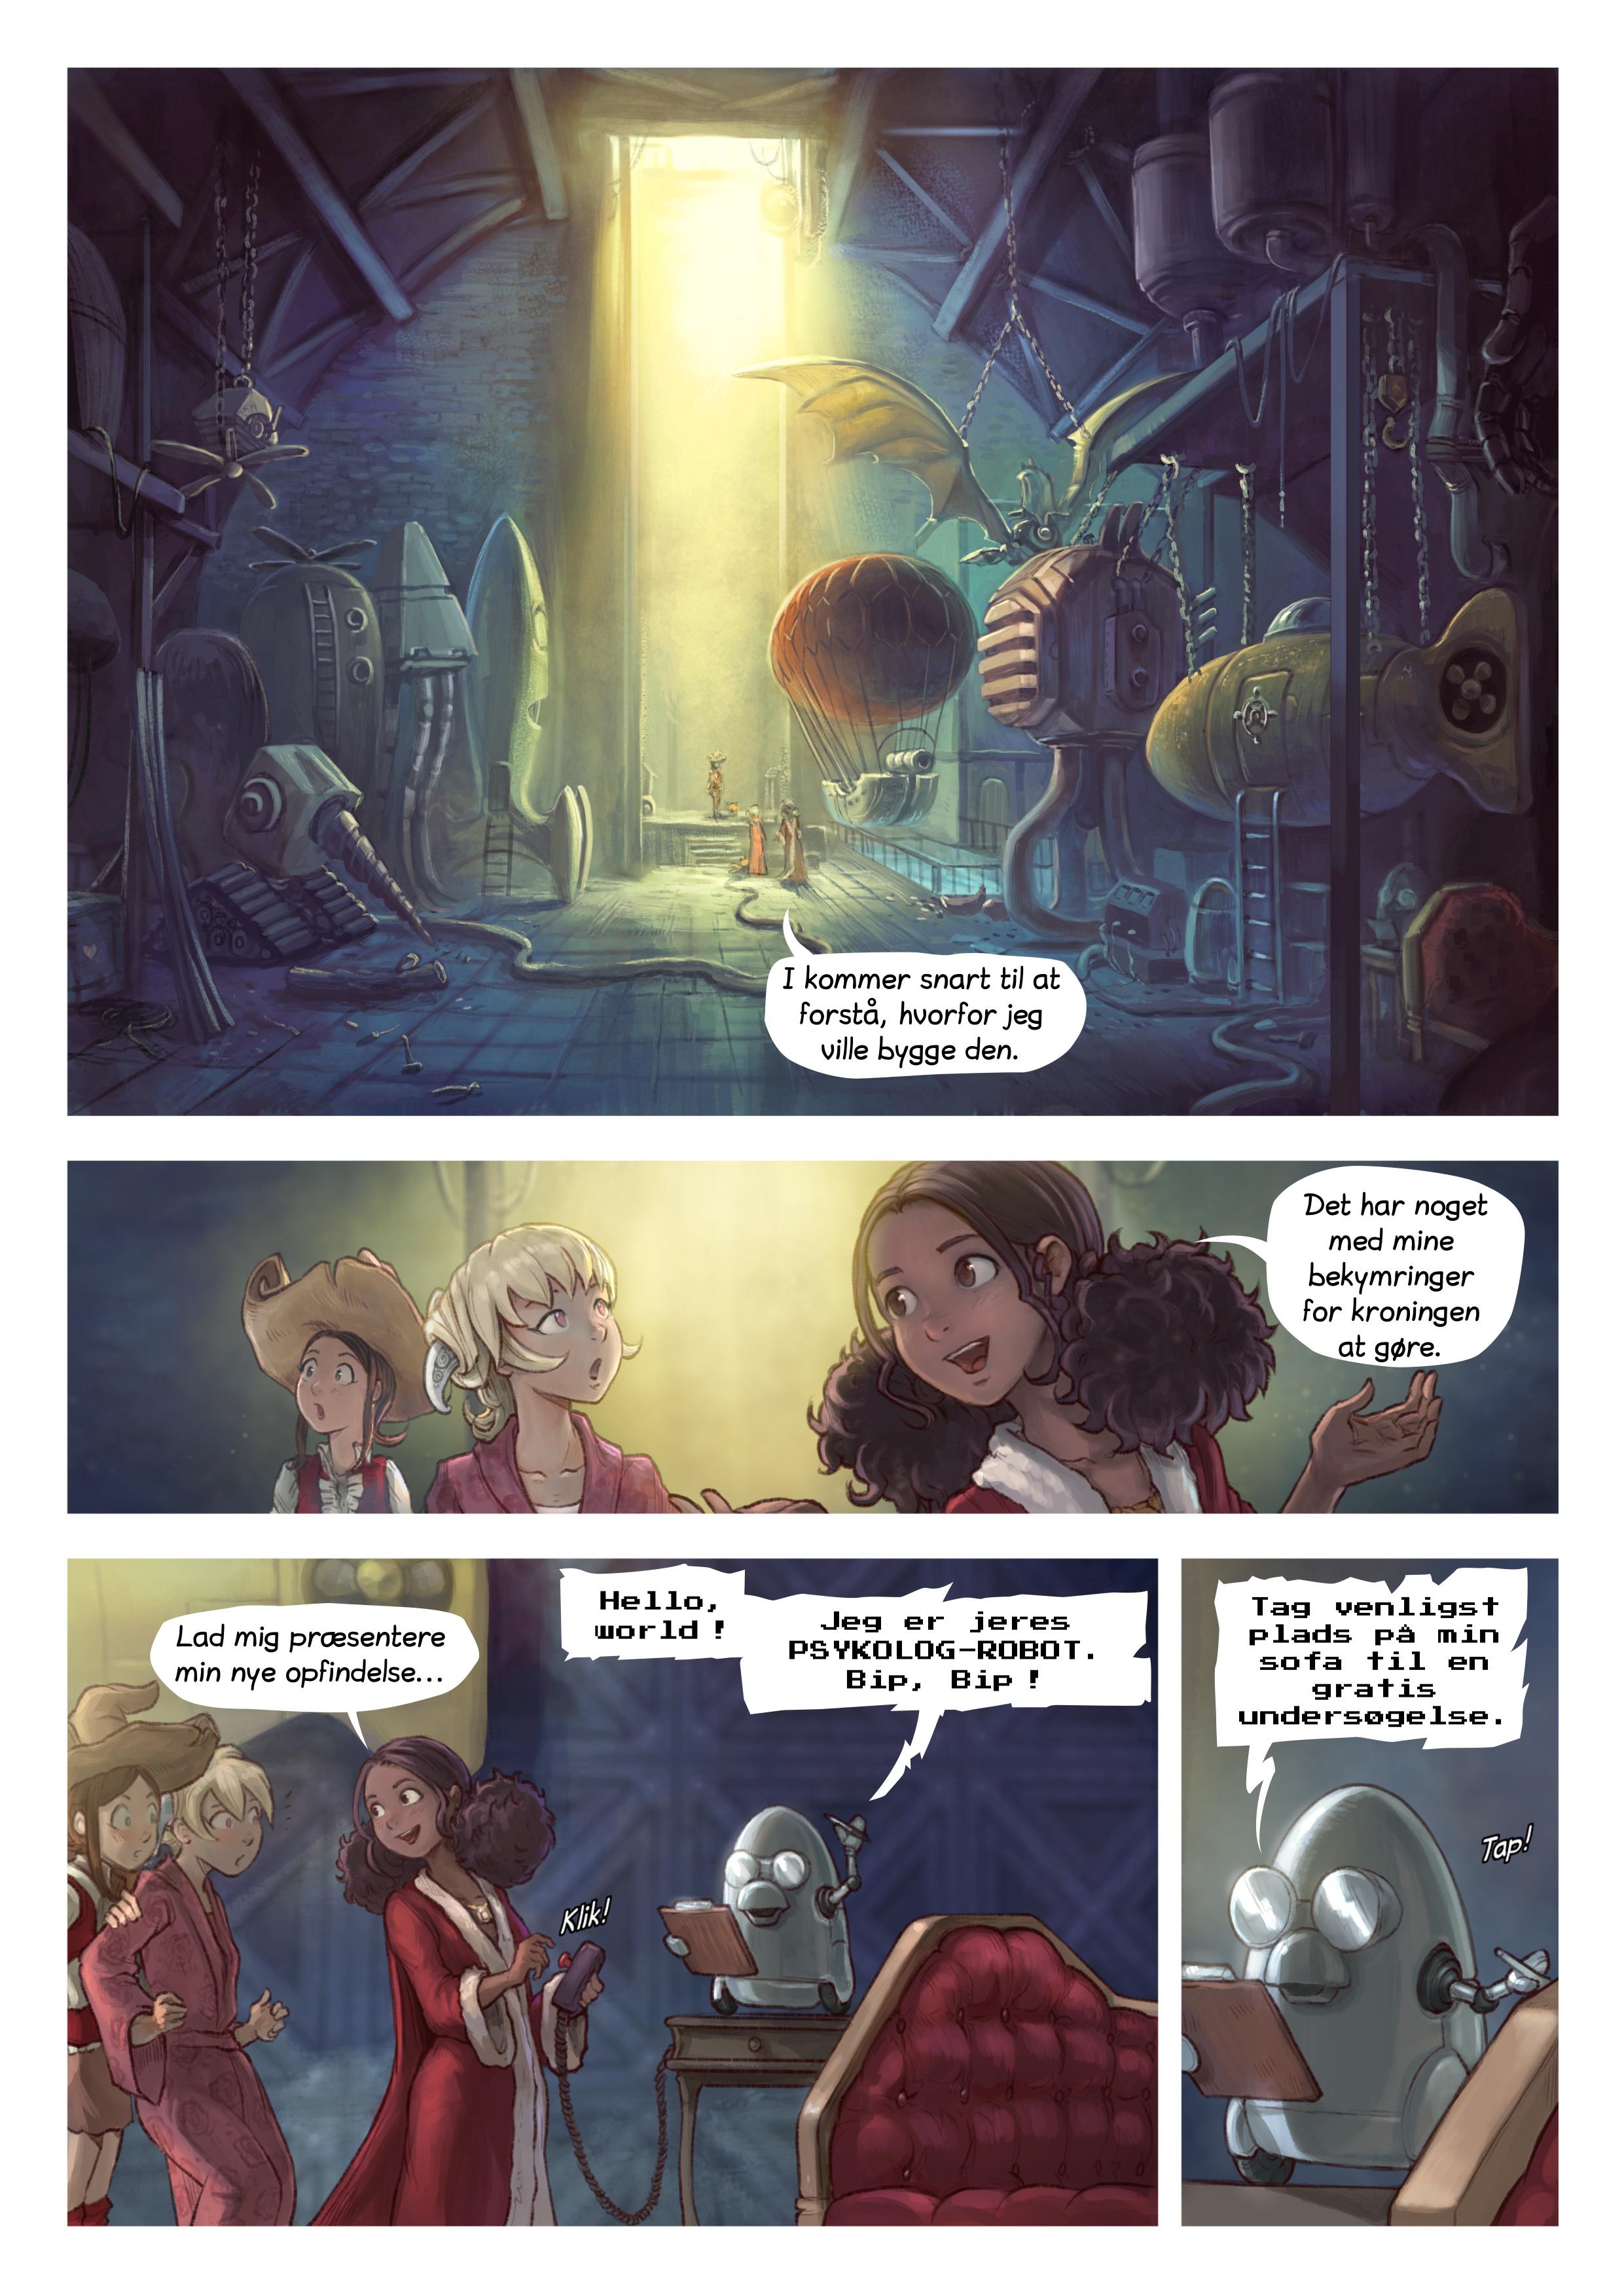 Episode 27: Korianders opfindelse, Page 3